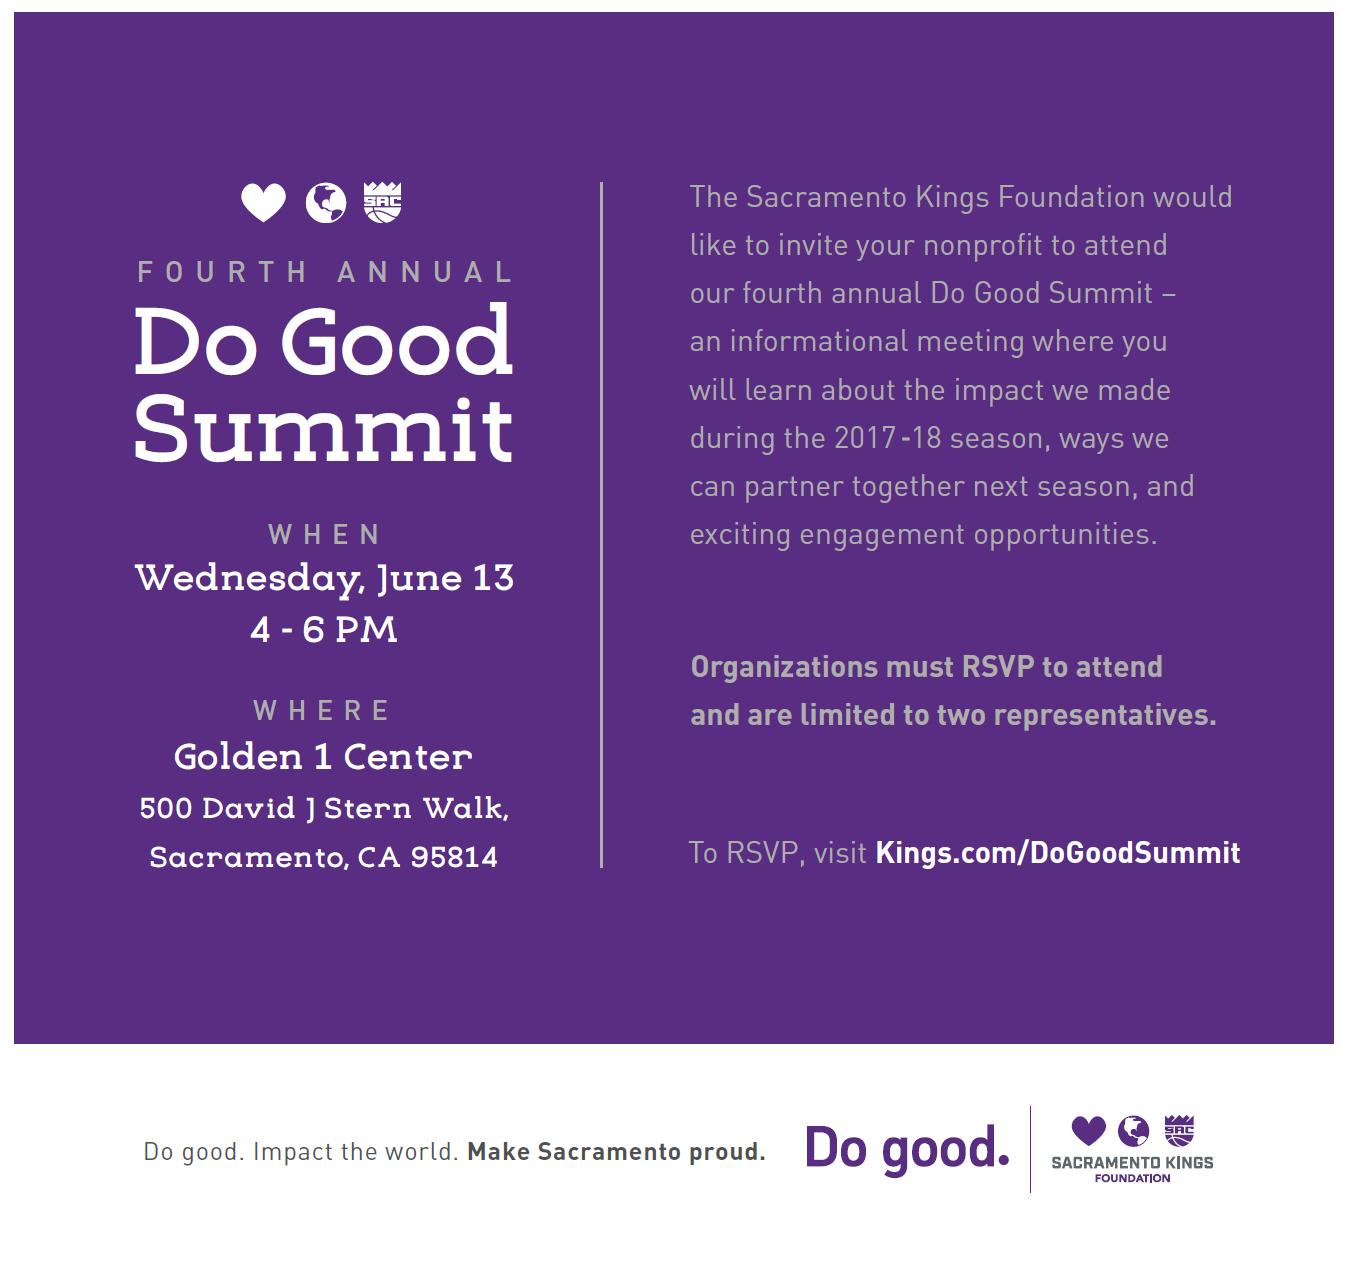 Do Good Summit